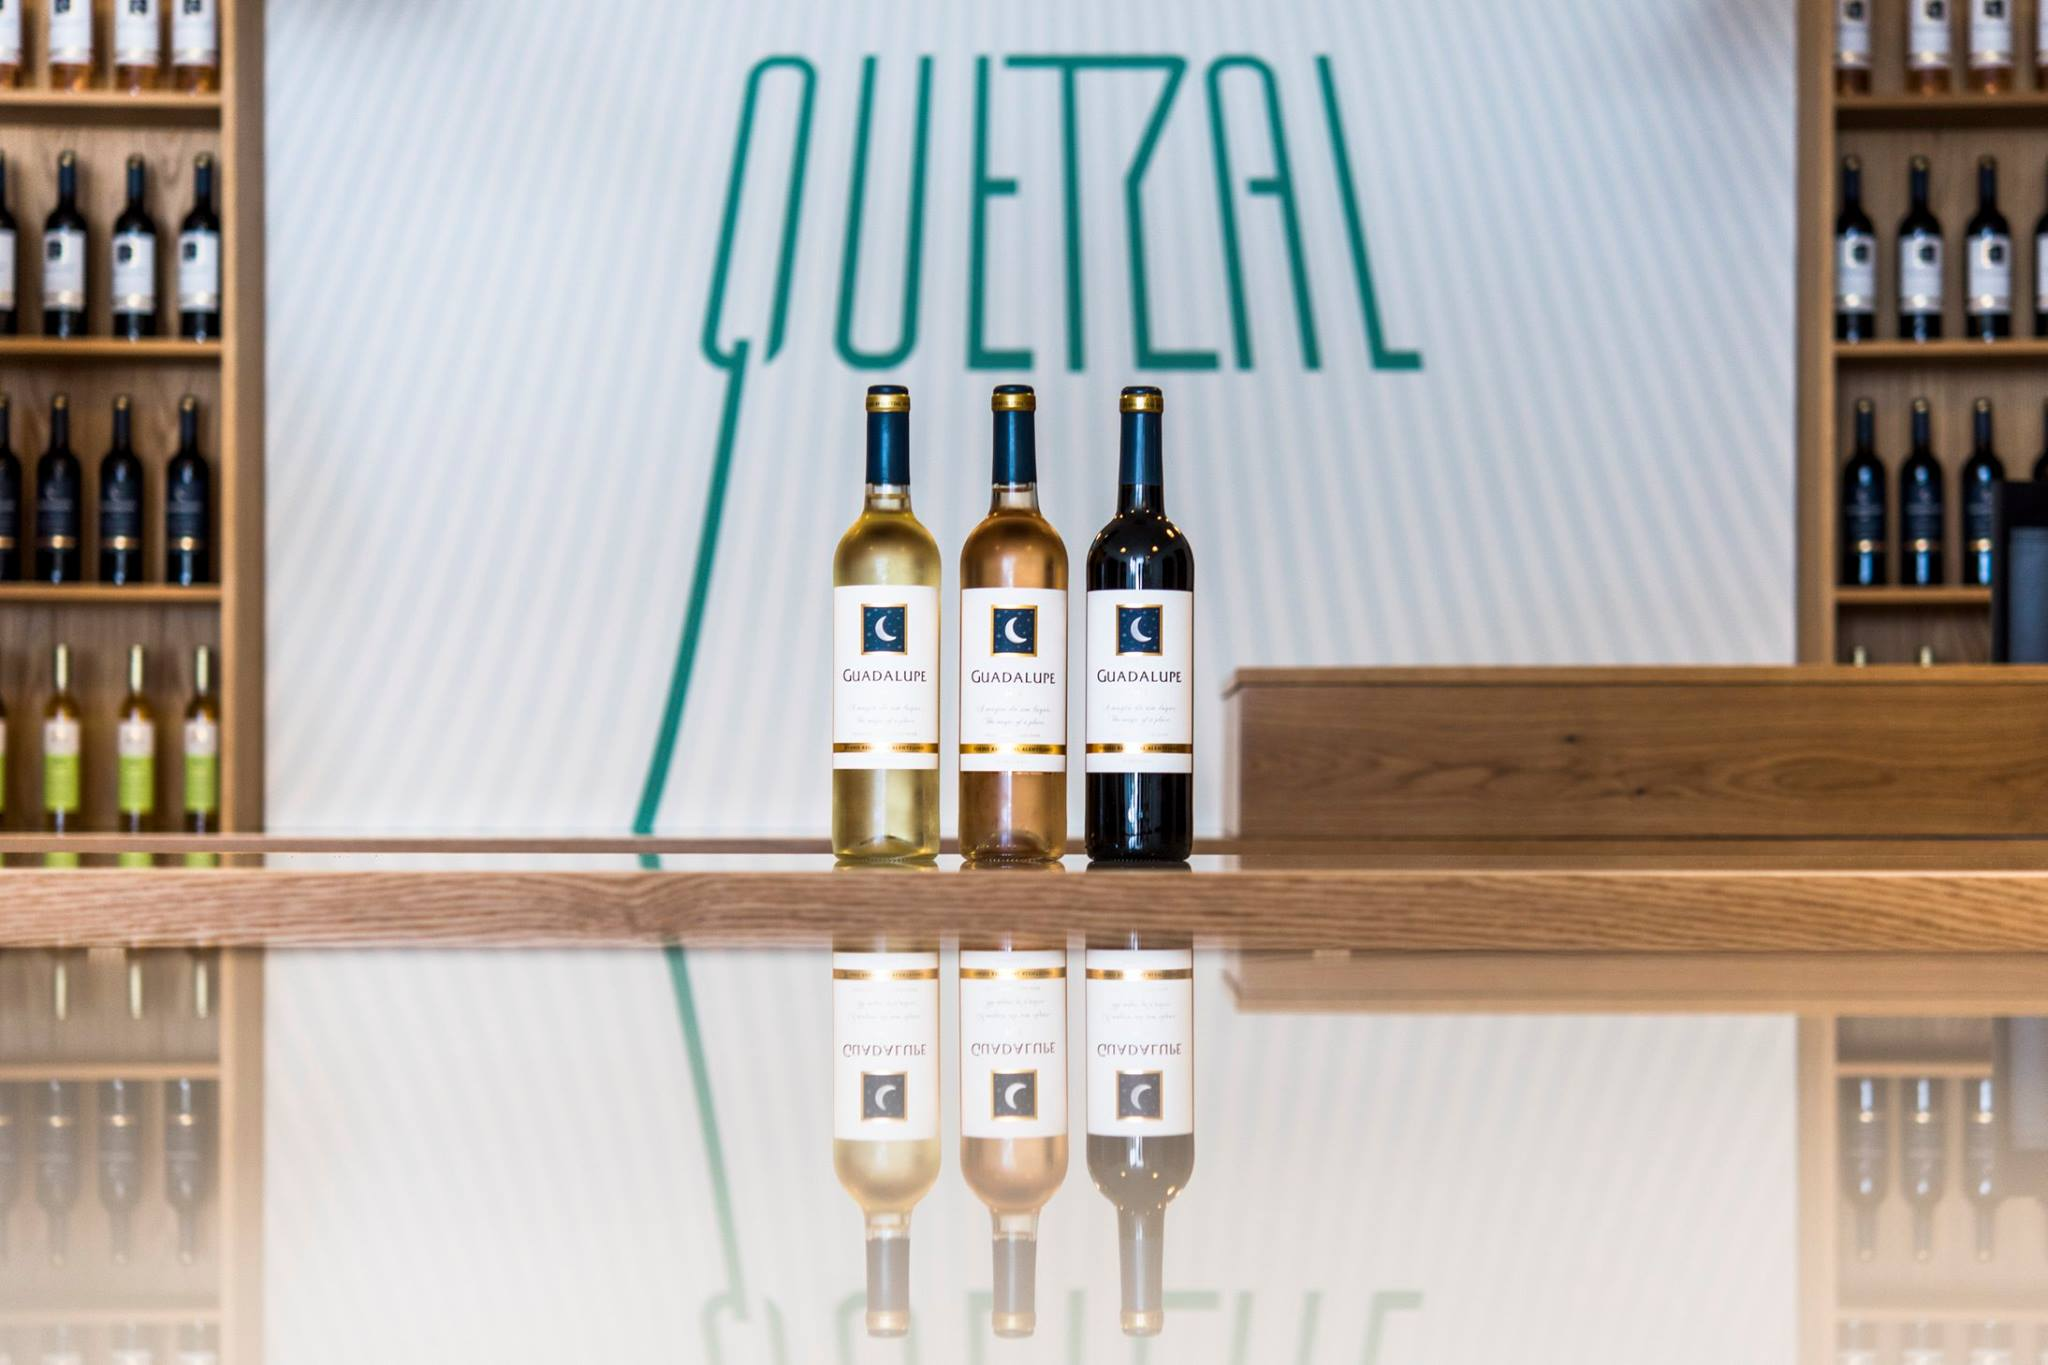 Quinta do Quetzal - Faça o seu Próprio Blend